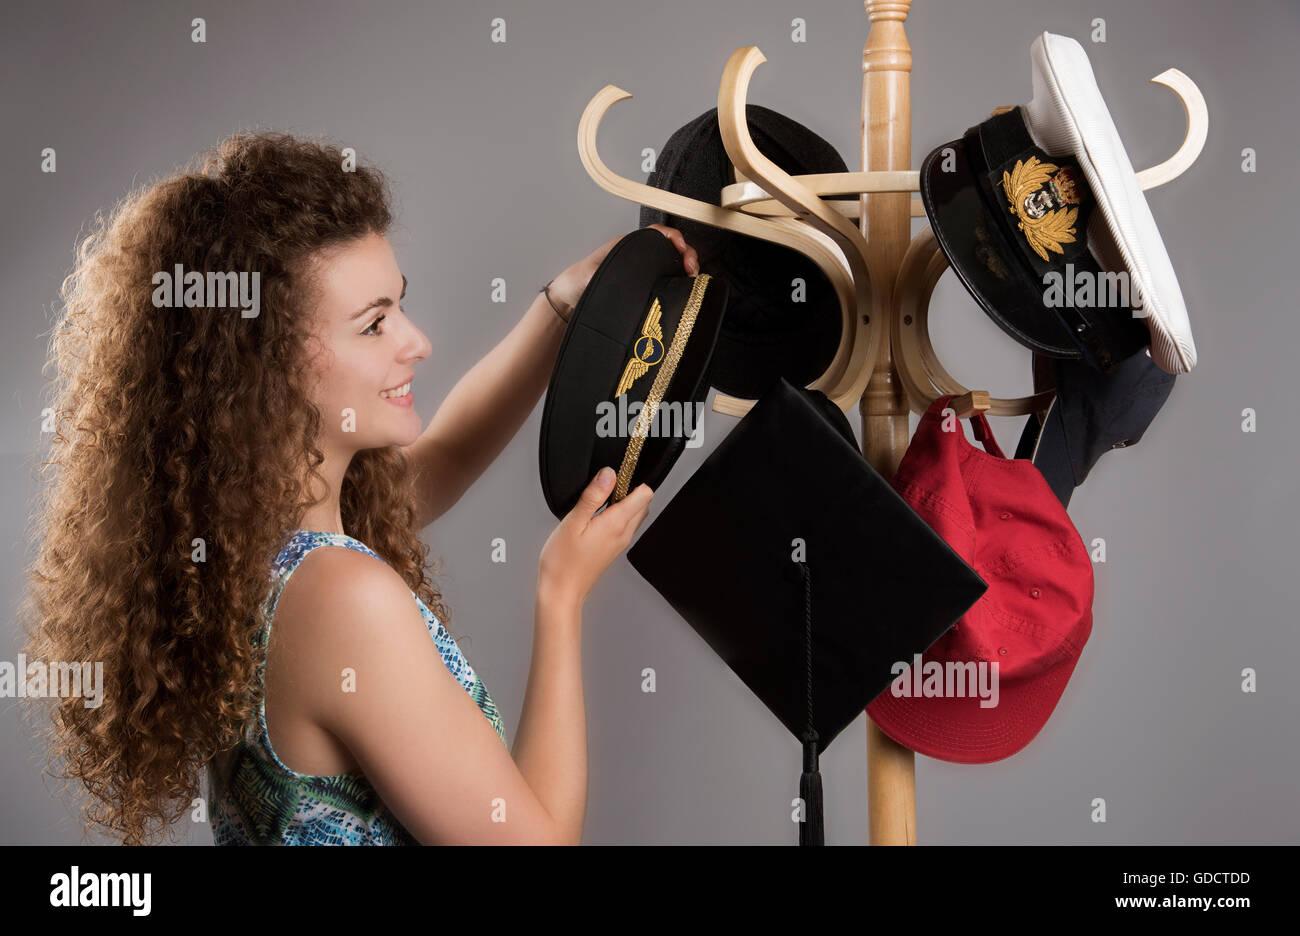 Junge Frau, die Vermittlung von Hüte aus einer Auswahl von berufen auf einem Kleiderständer Stockbild